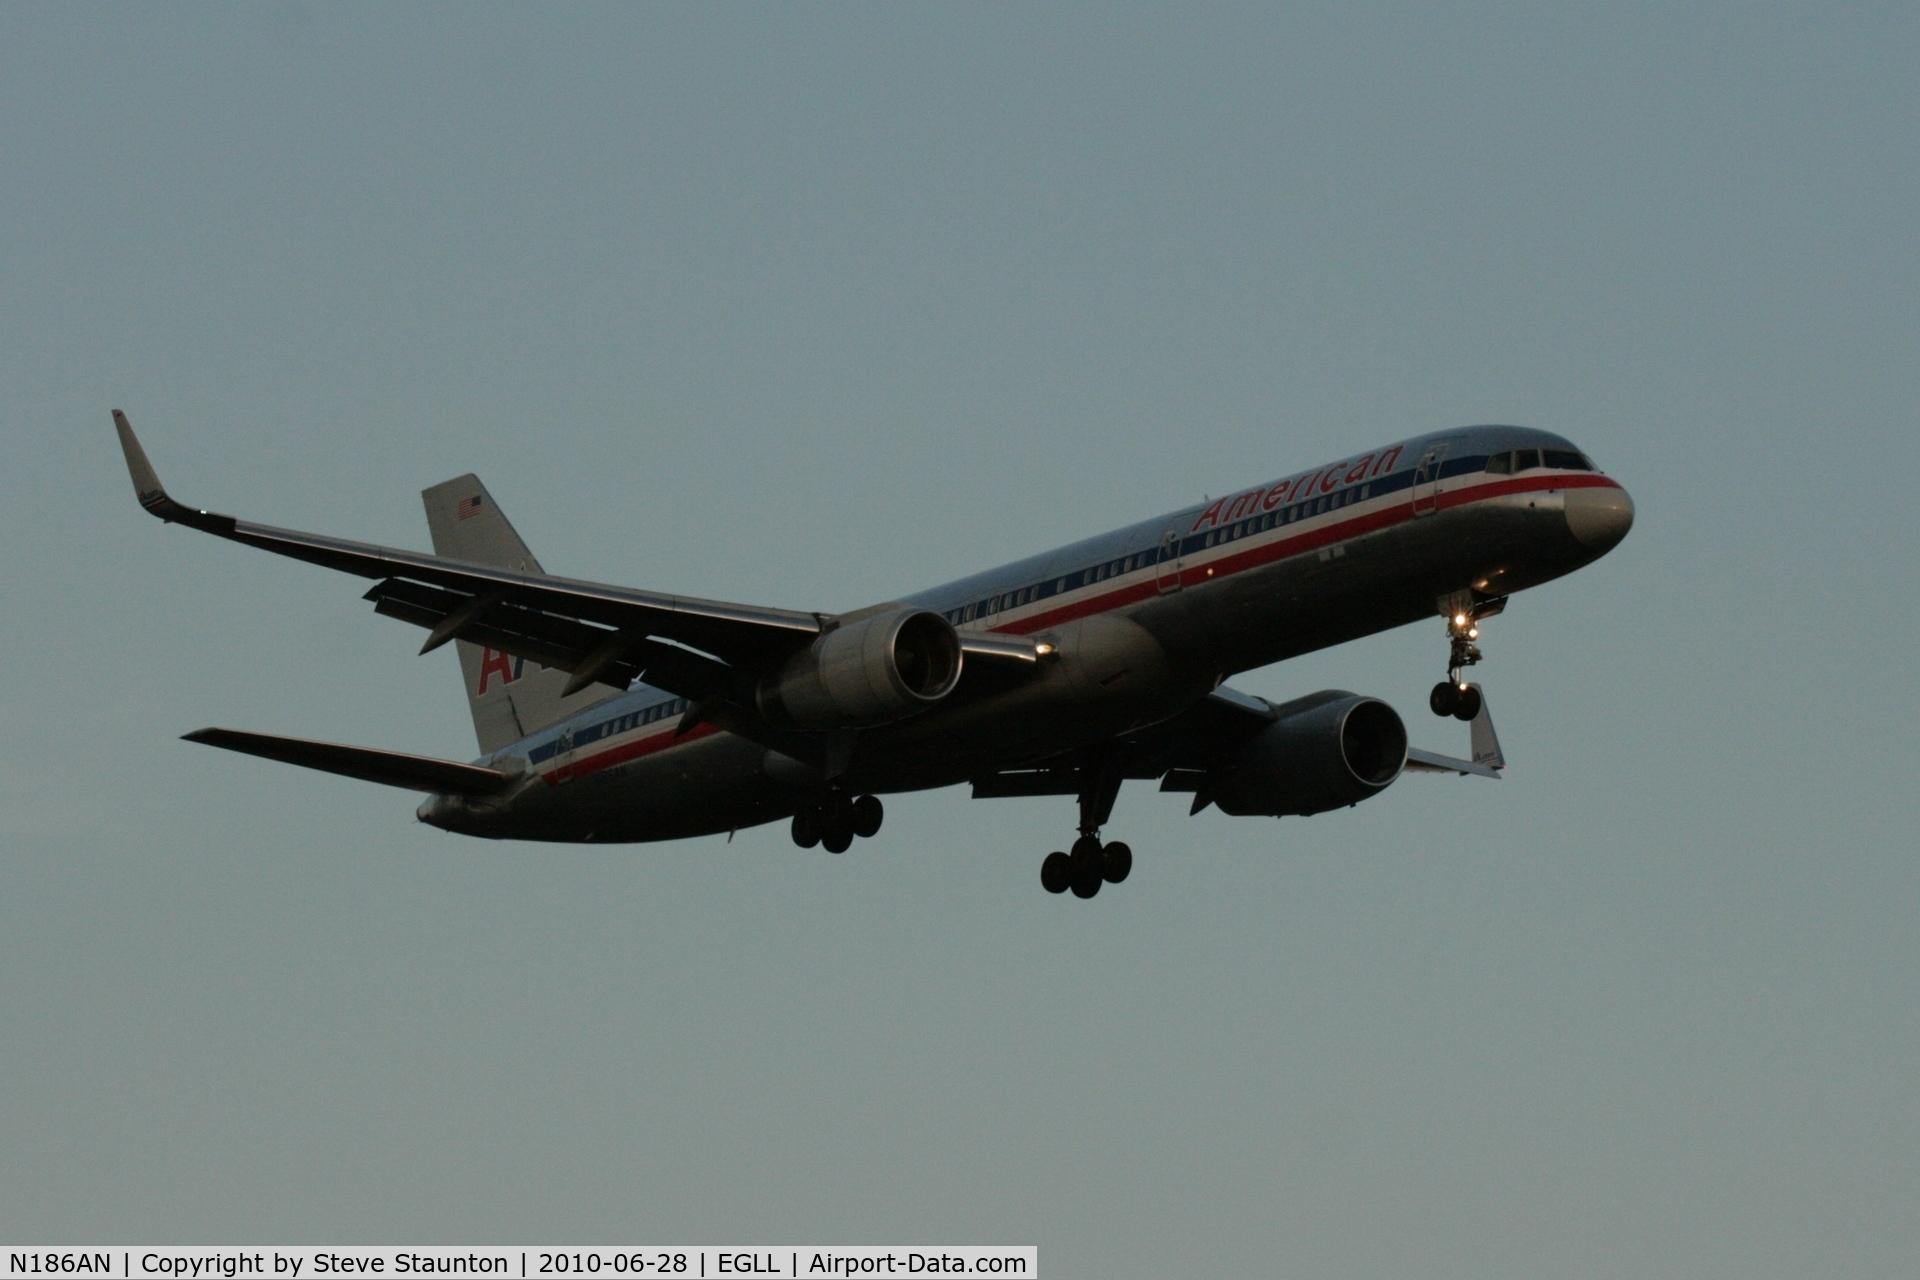 N186AN, 2001 Boeing 757-223 C/N 32380, Taken at Heathrow Airport, June 2010